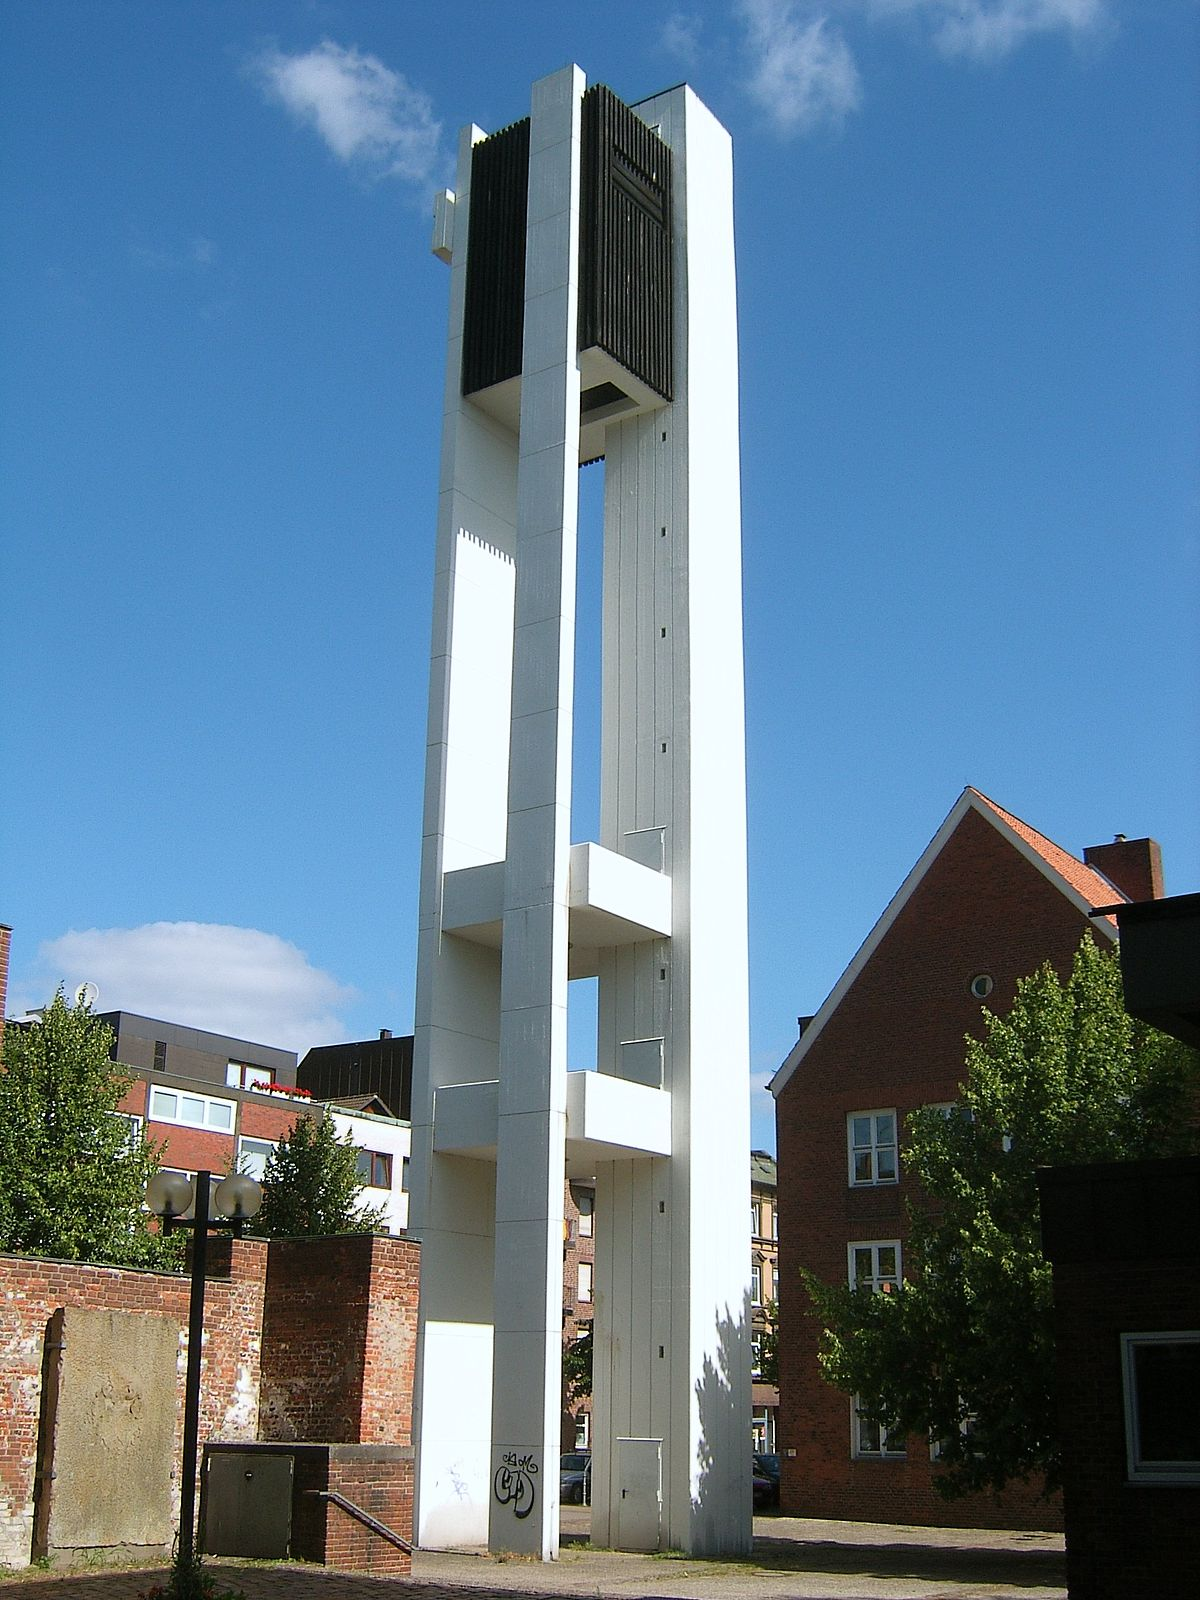 Dreifaltigkeitskirche HamburgHarburg  Wikipedia